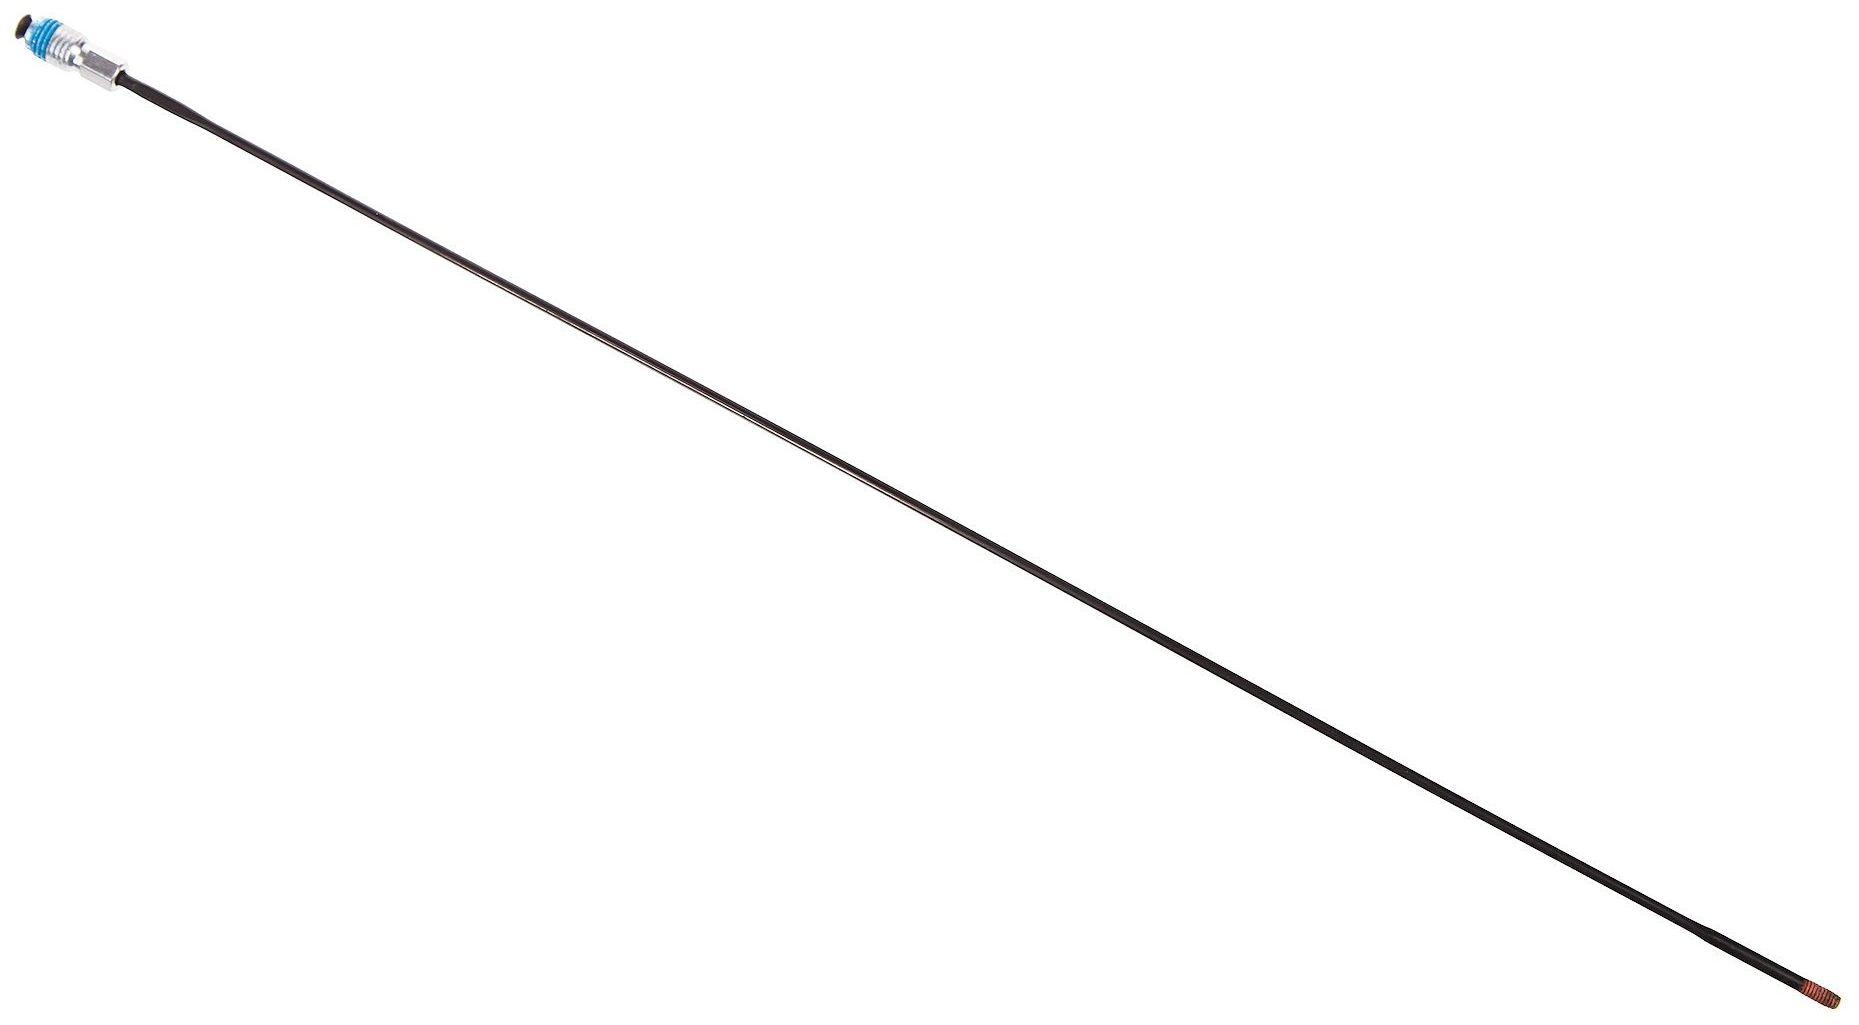 Запчасть Shimano WH-MT65-R (Y4EZ98050) запчасть shimano ось в сборе для wh rs330 r 141 мм 5 9 16